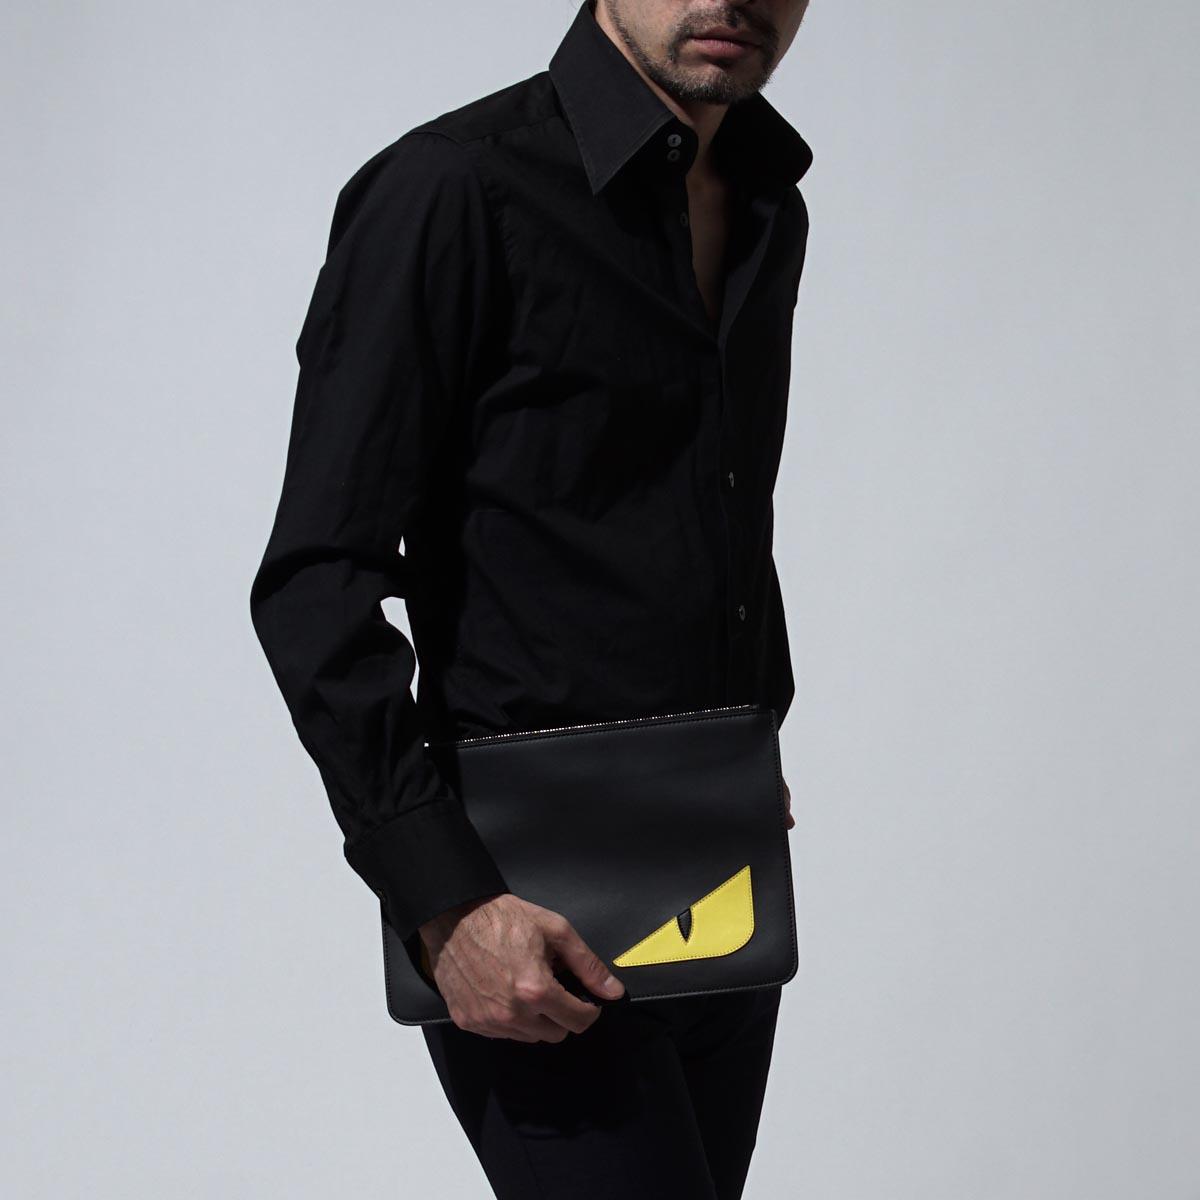 芬迪FENDI離合器袋BAG BUGS SELLERIA包錯誤BLACK黑色派7n0078 o73 f0wad人